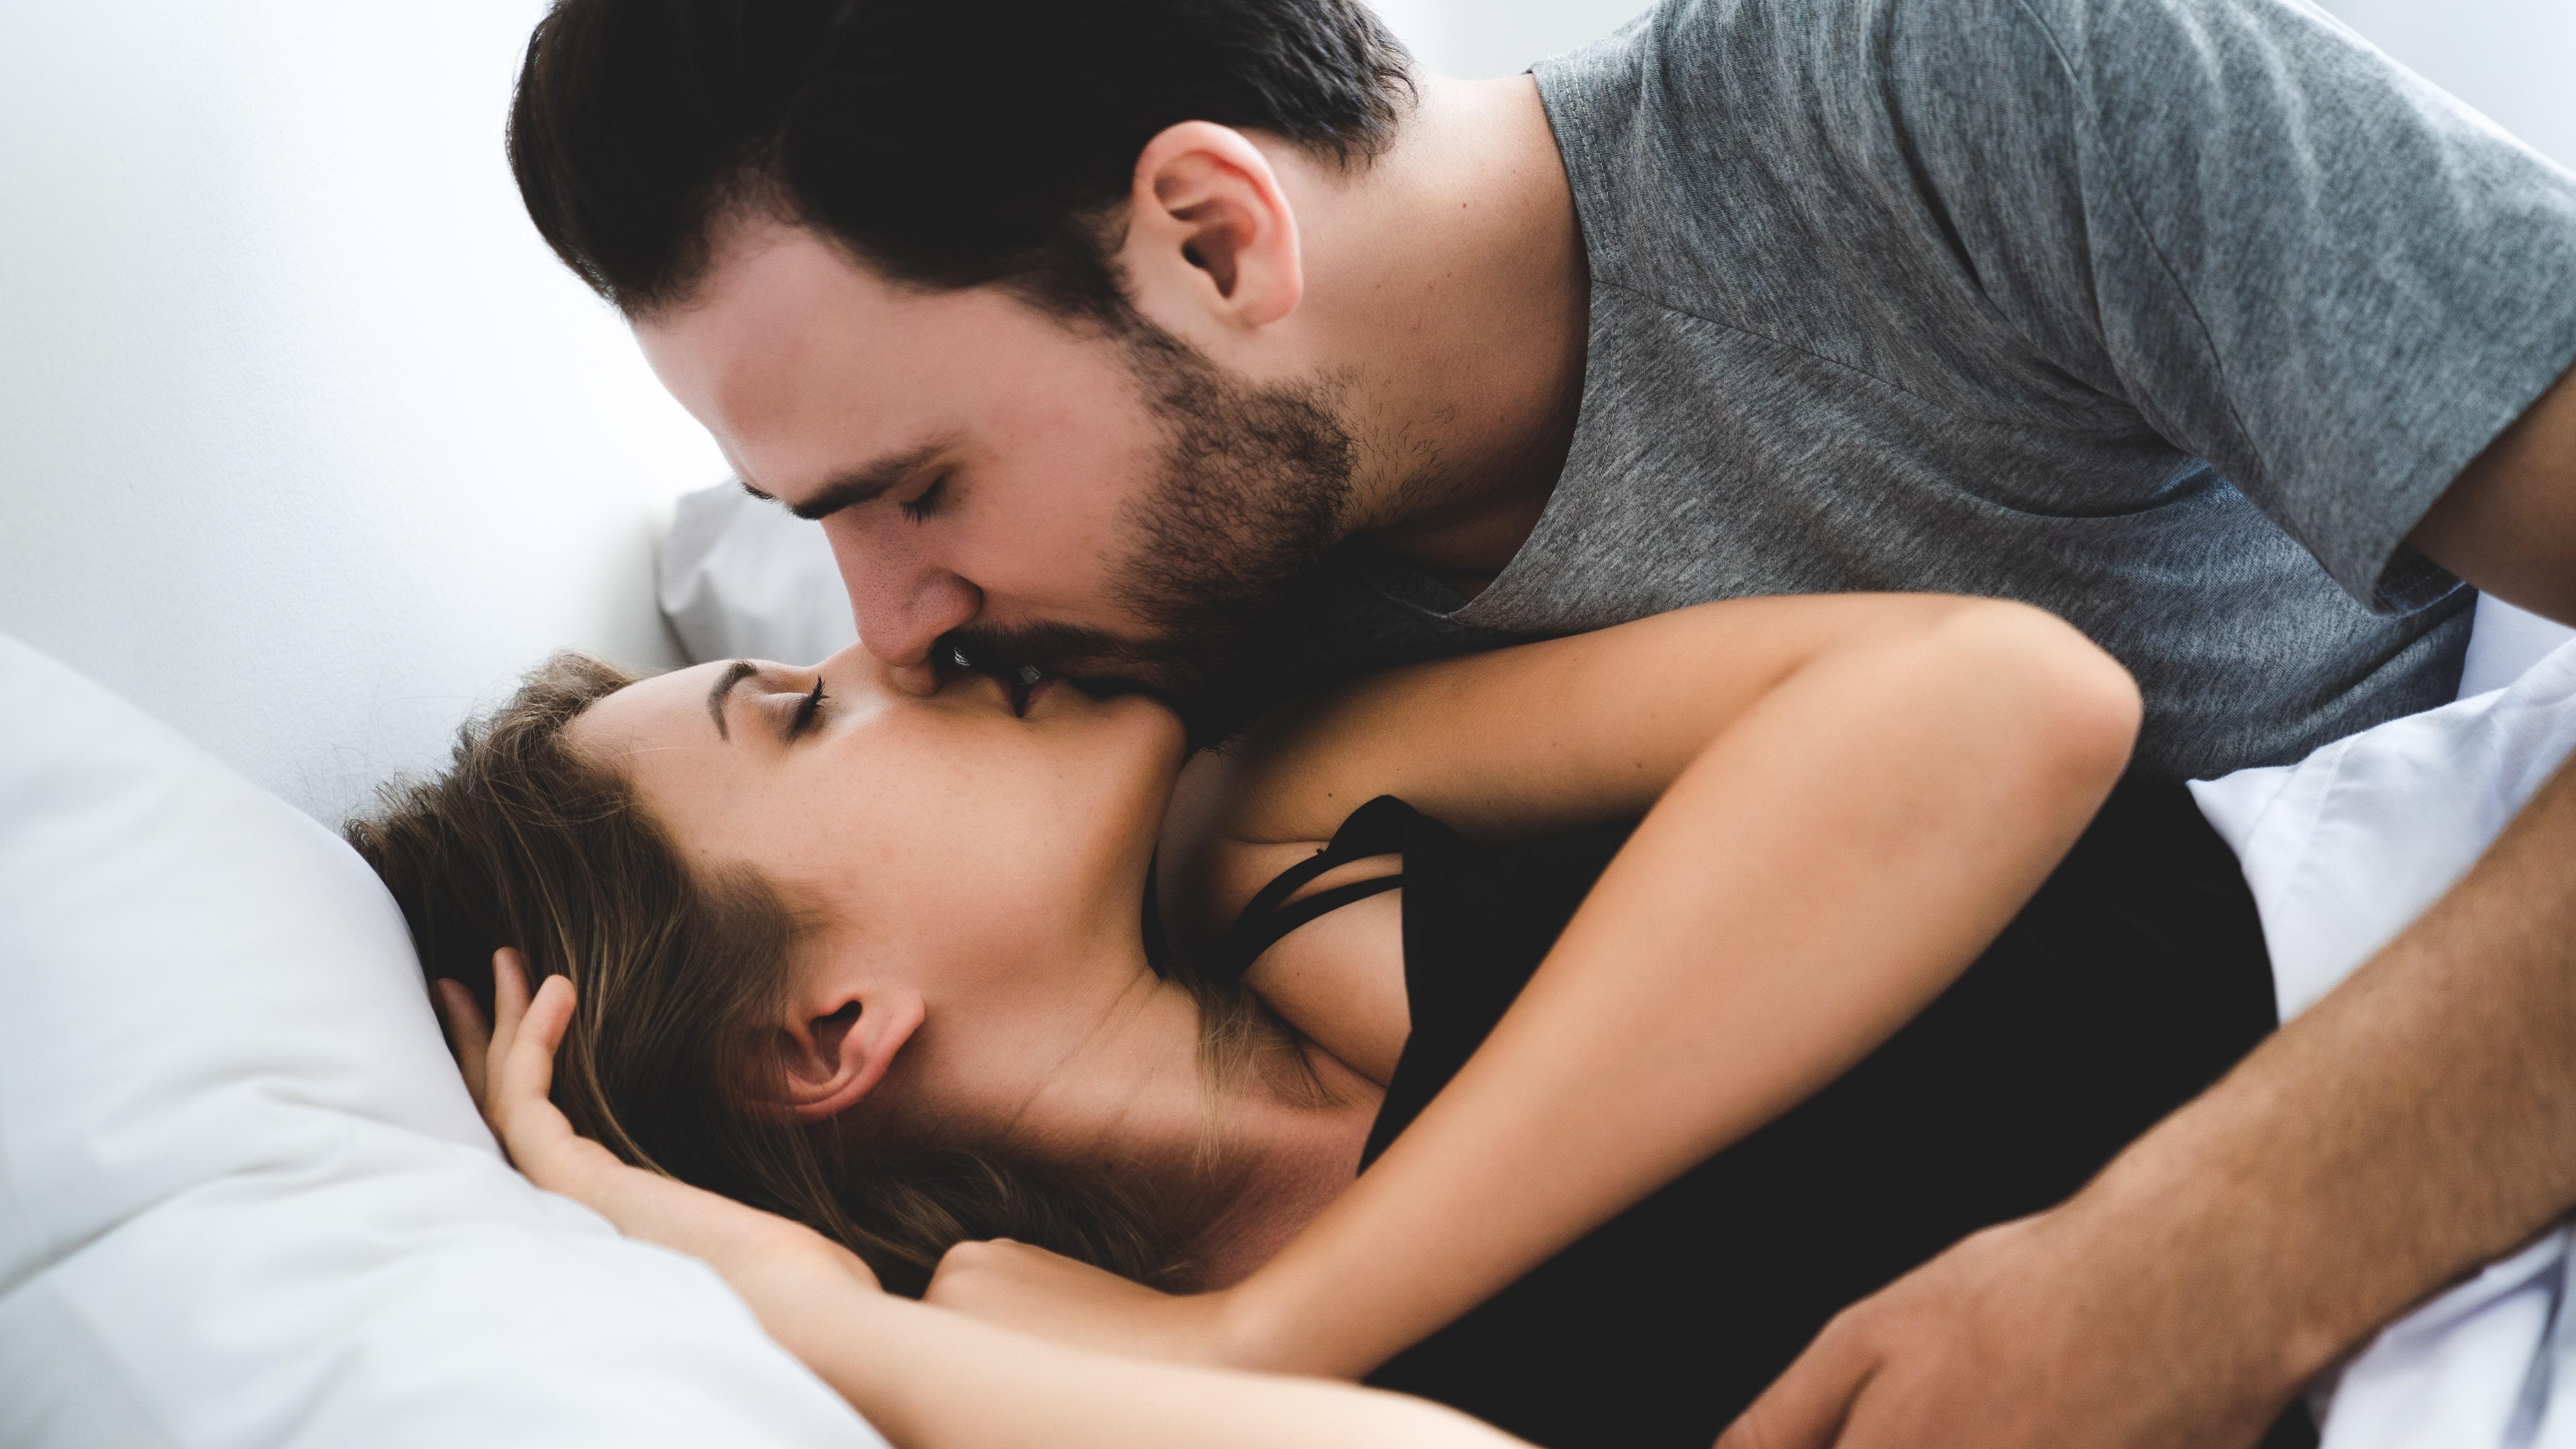 sexstallningar for henne sex helsingborg